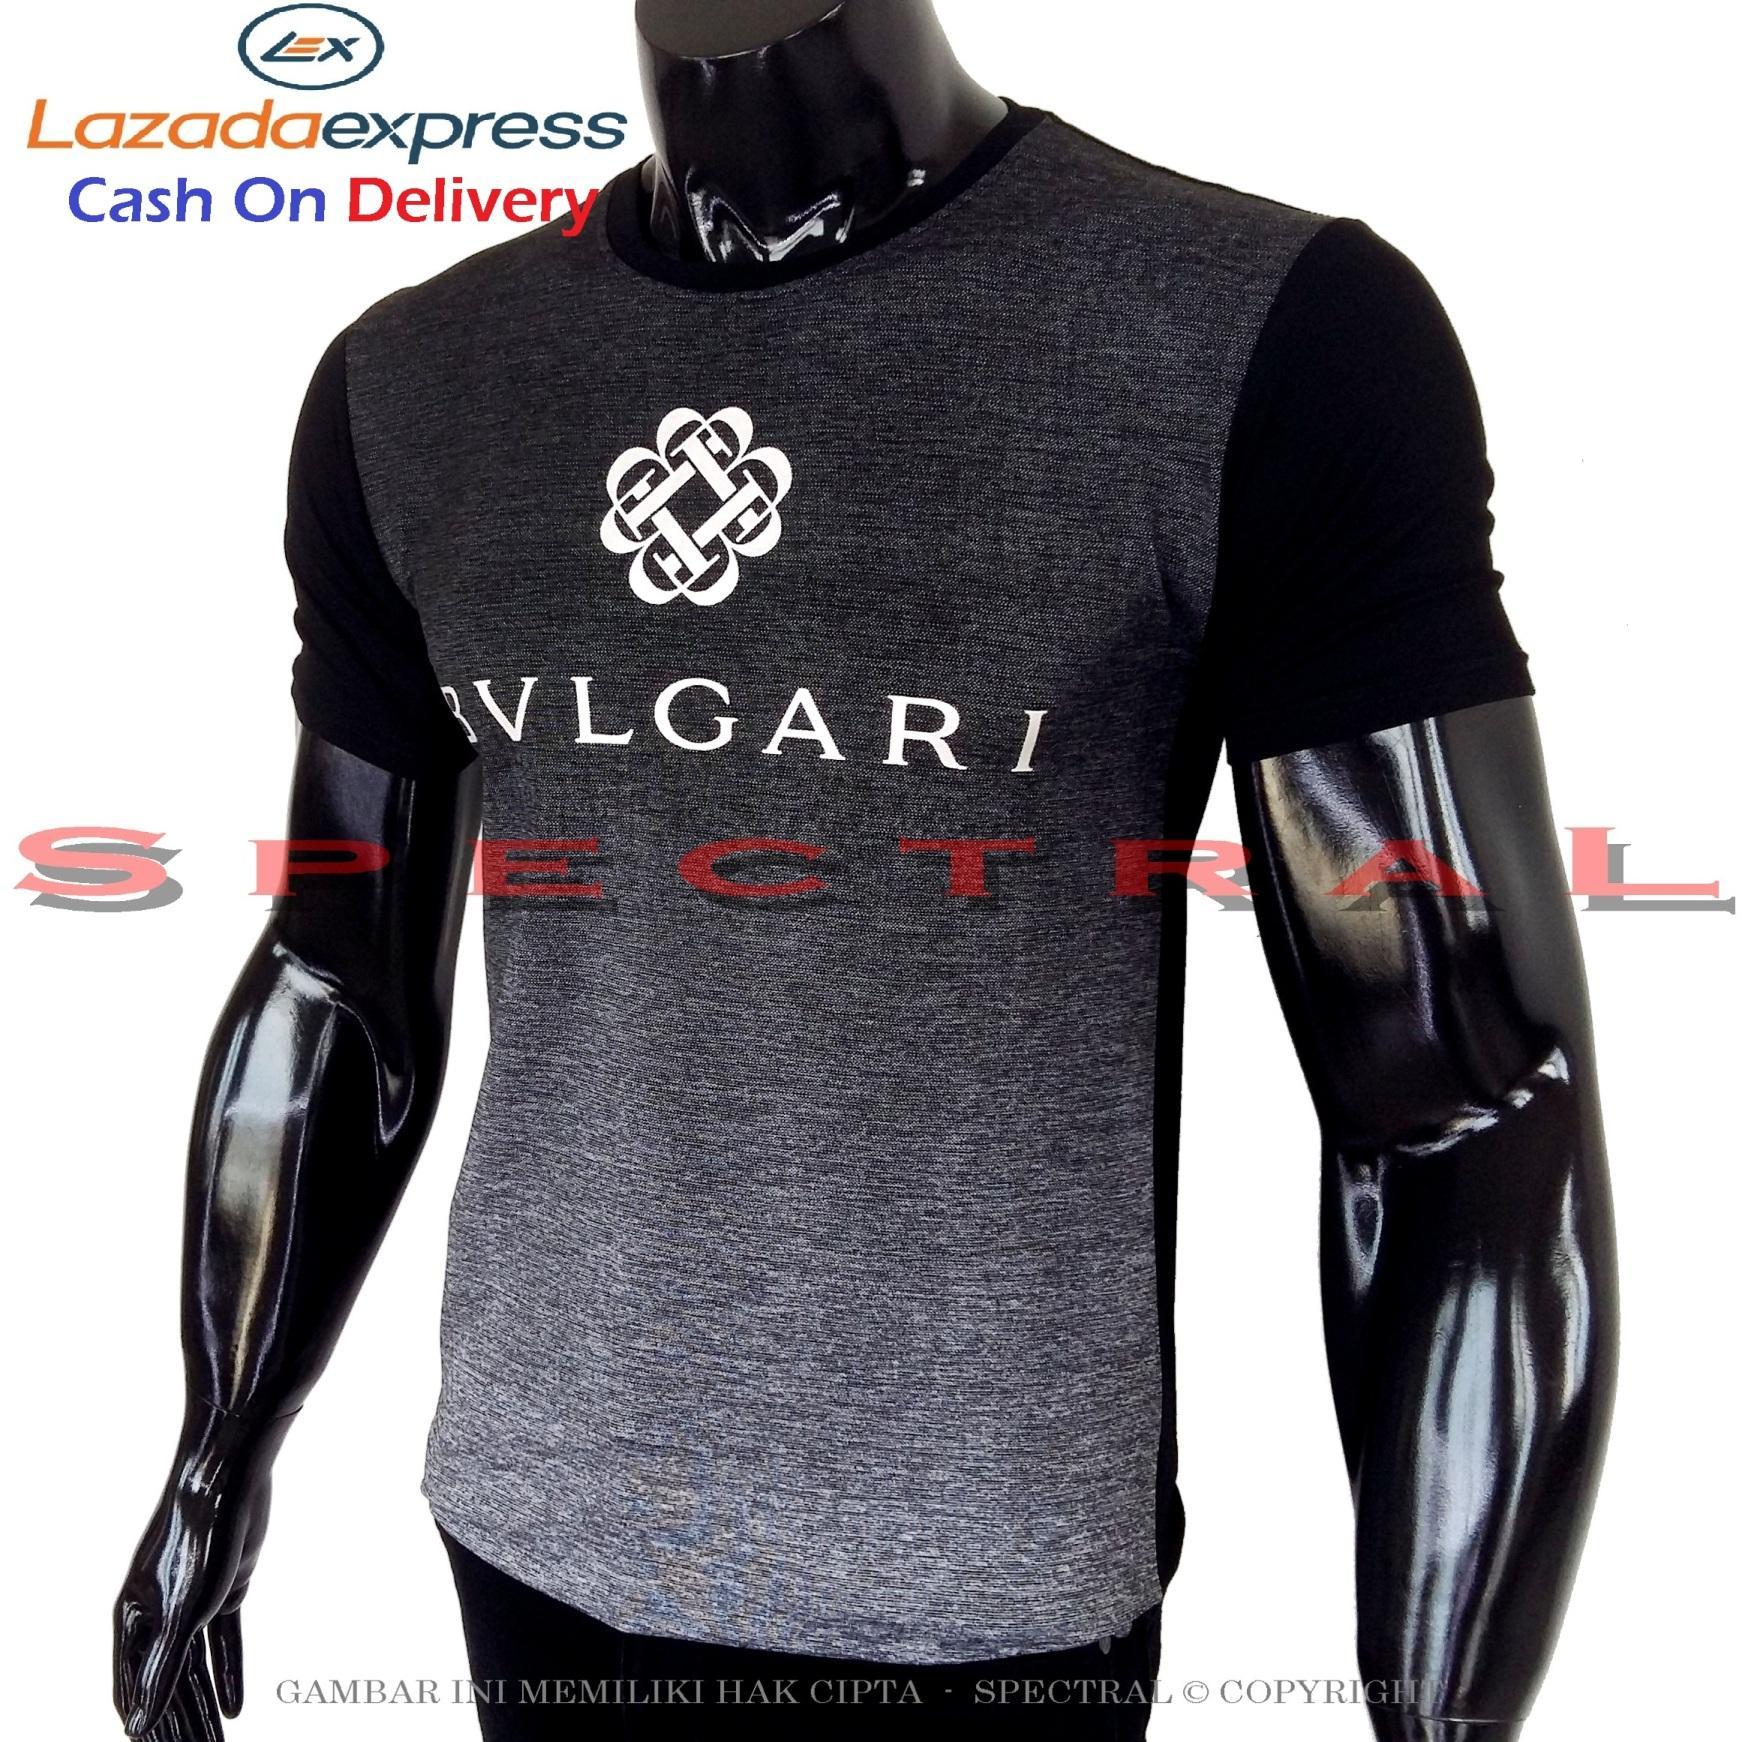 Spectral - Kaos Distro BLVGARI Soft Rayon Viscose Lycra Pola M Fit To L Simple Fashionable Tidak Pa